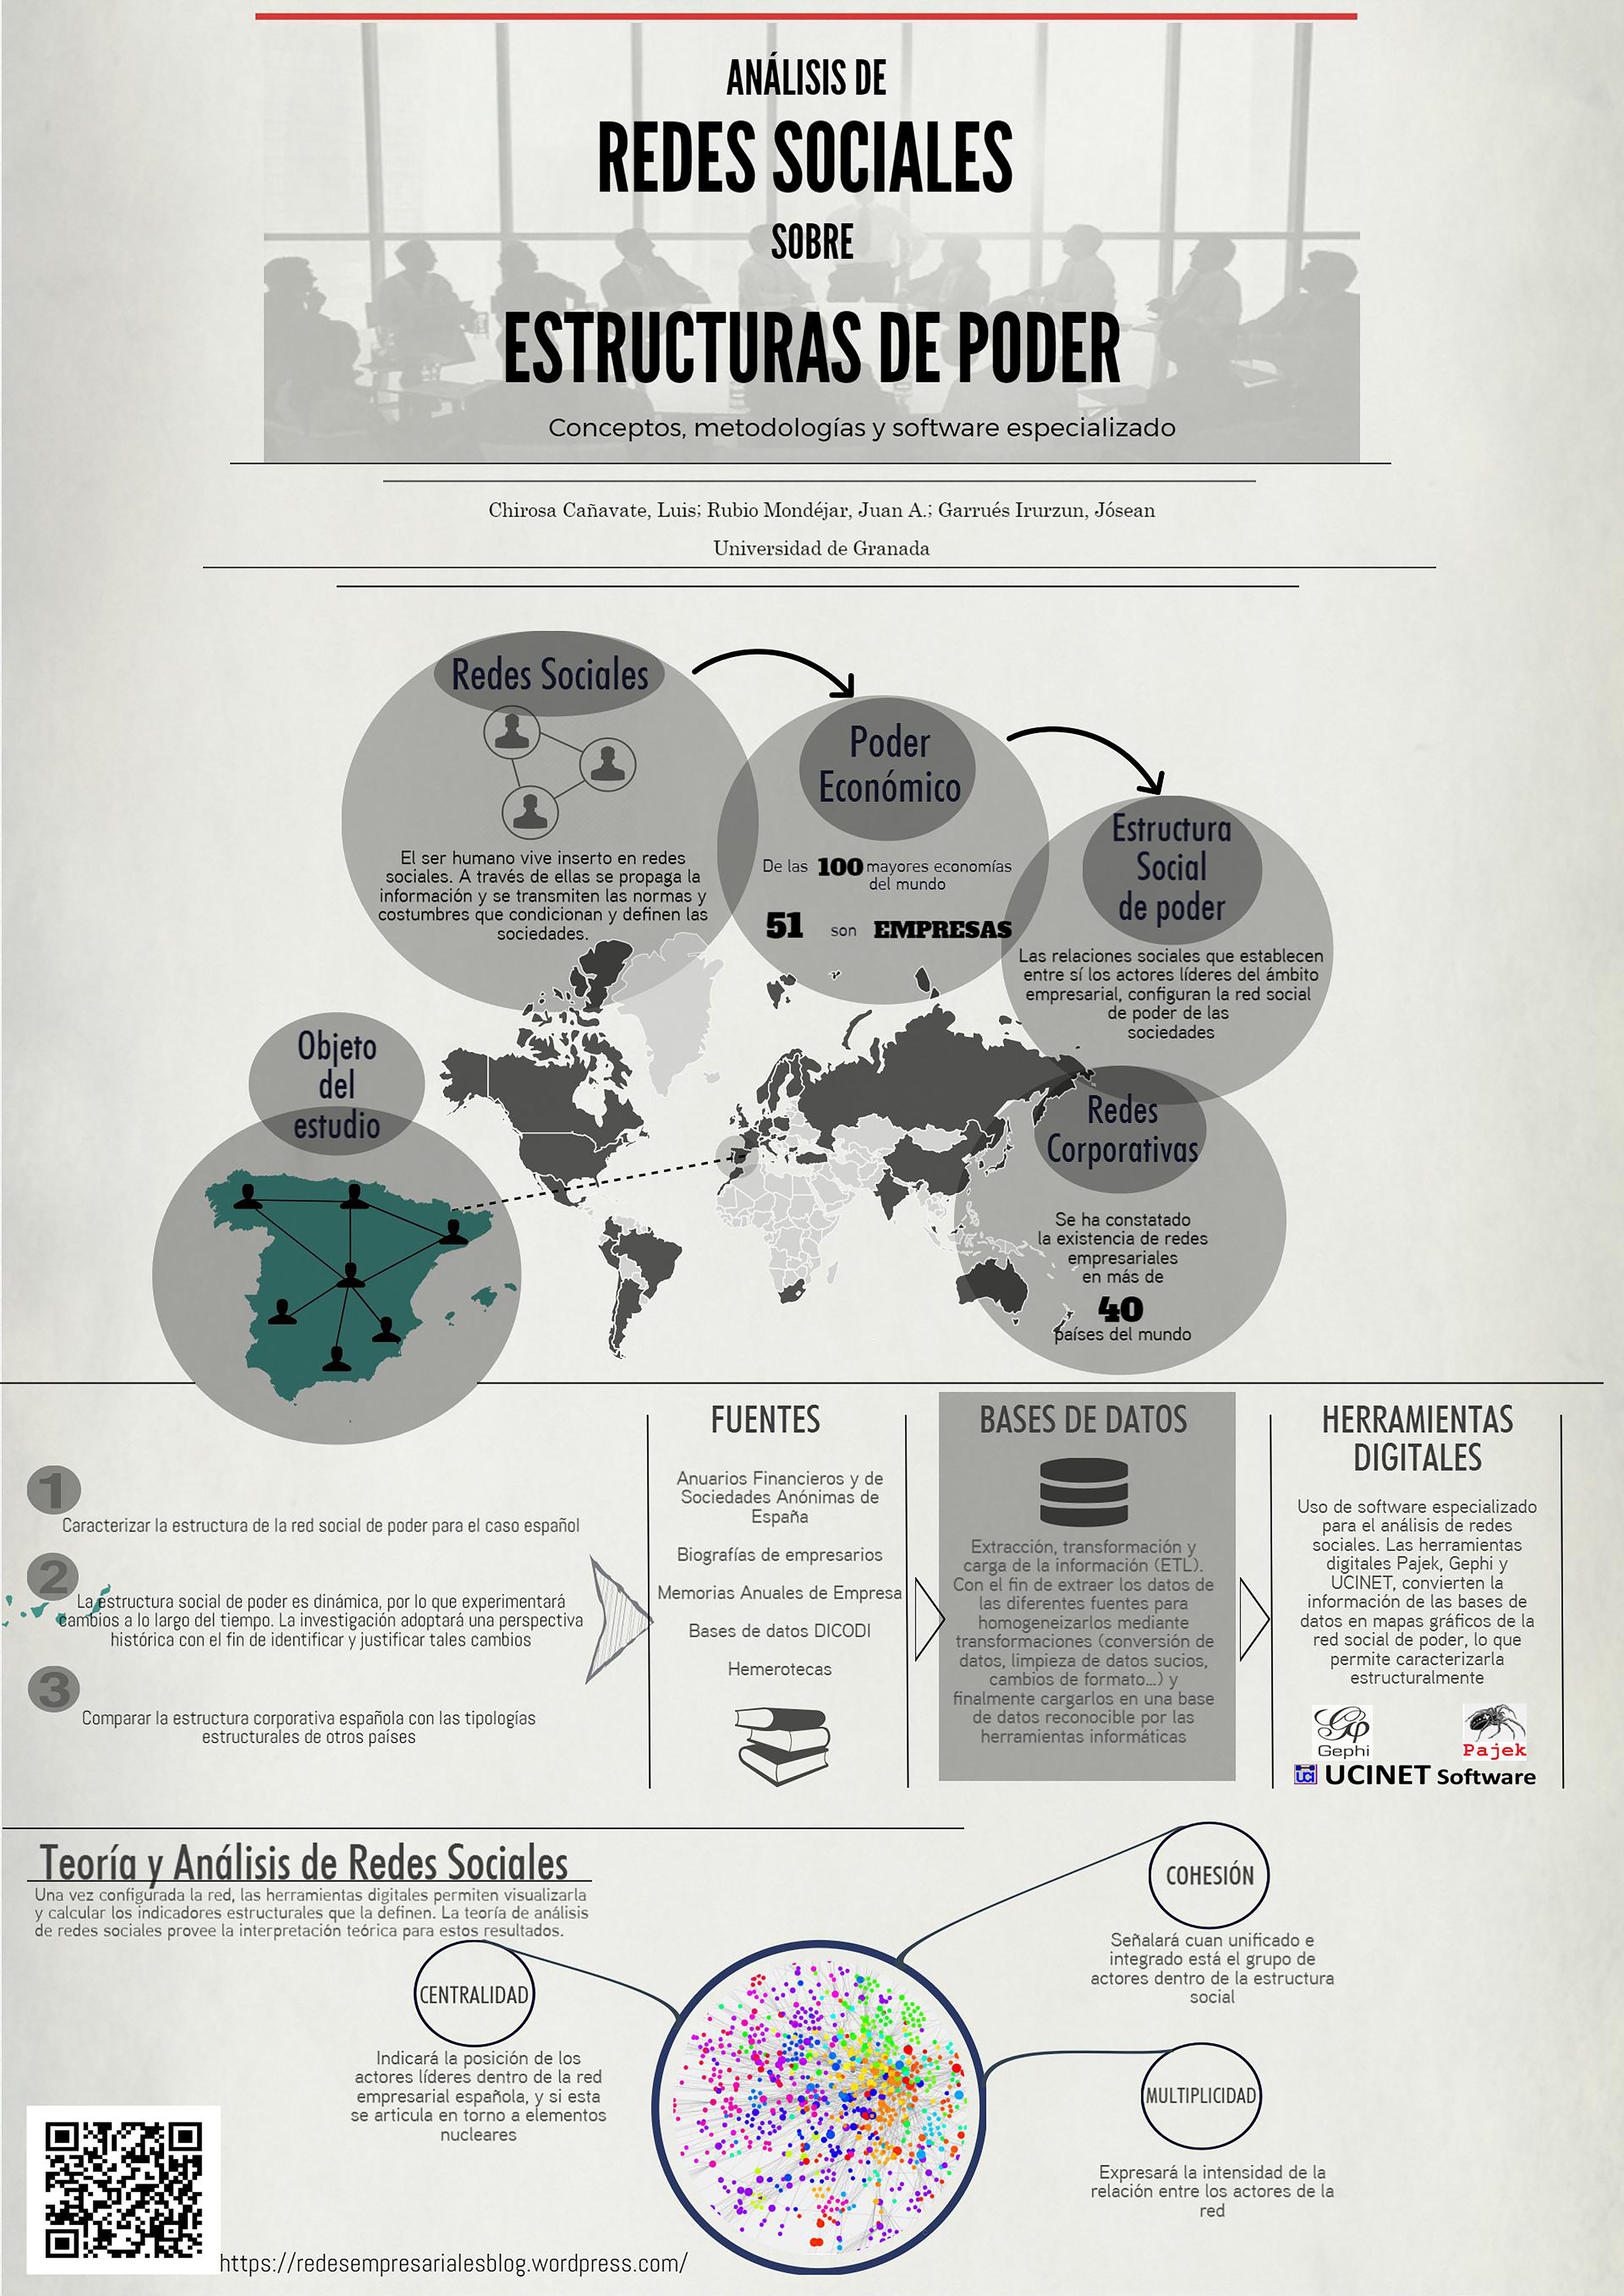 Análisis de redes sociales sobre estructuras de poder ¿Quién gobierna el poder empresarial español? Conceptos, metodologías y software especializado